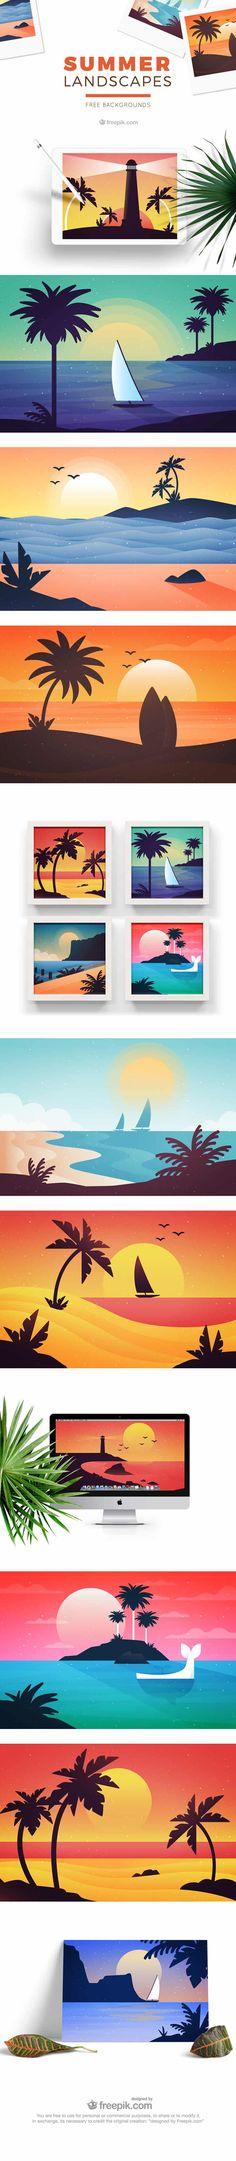 Free Summertime Landscape Illustrations